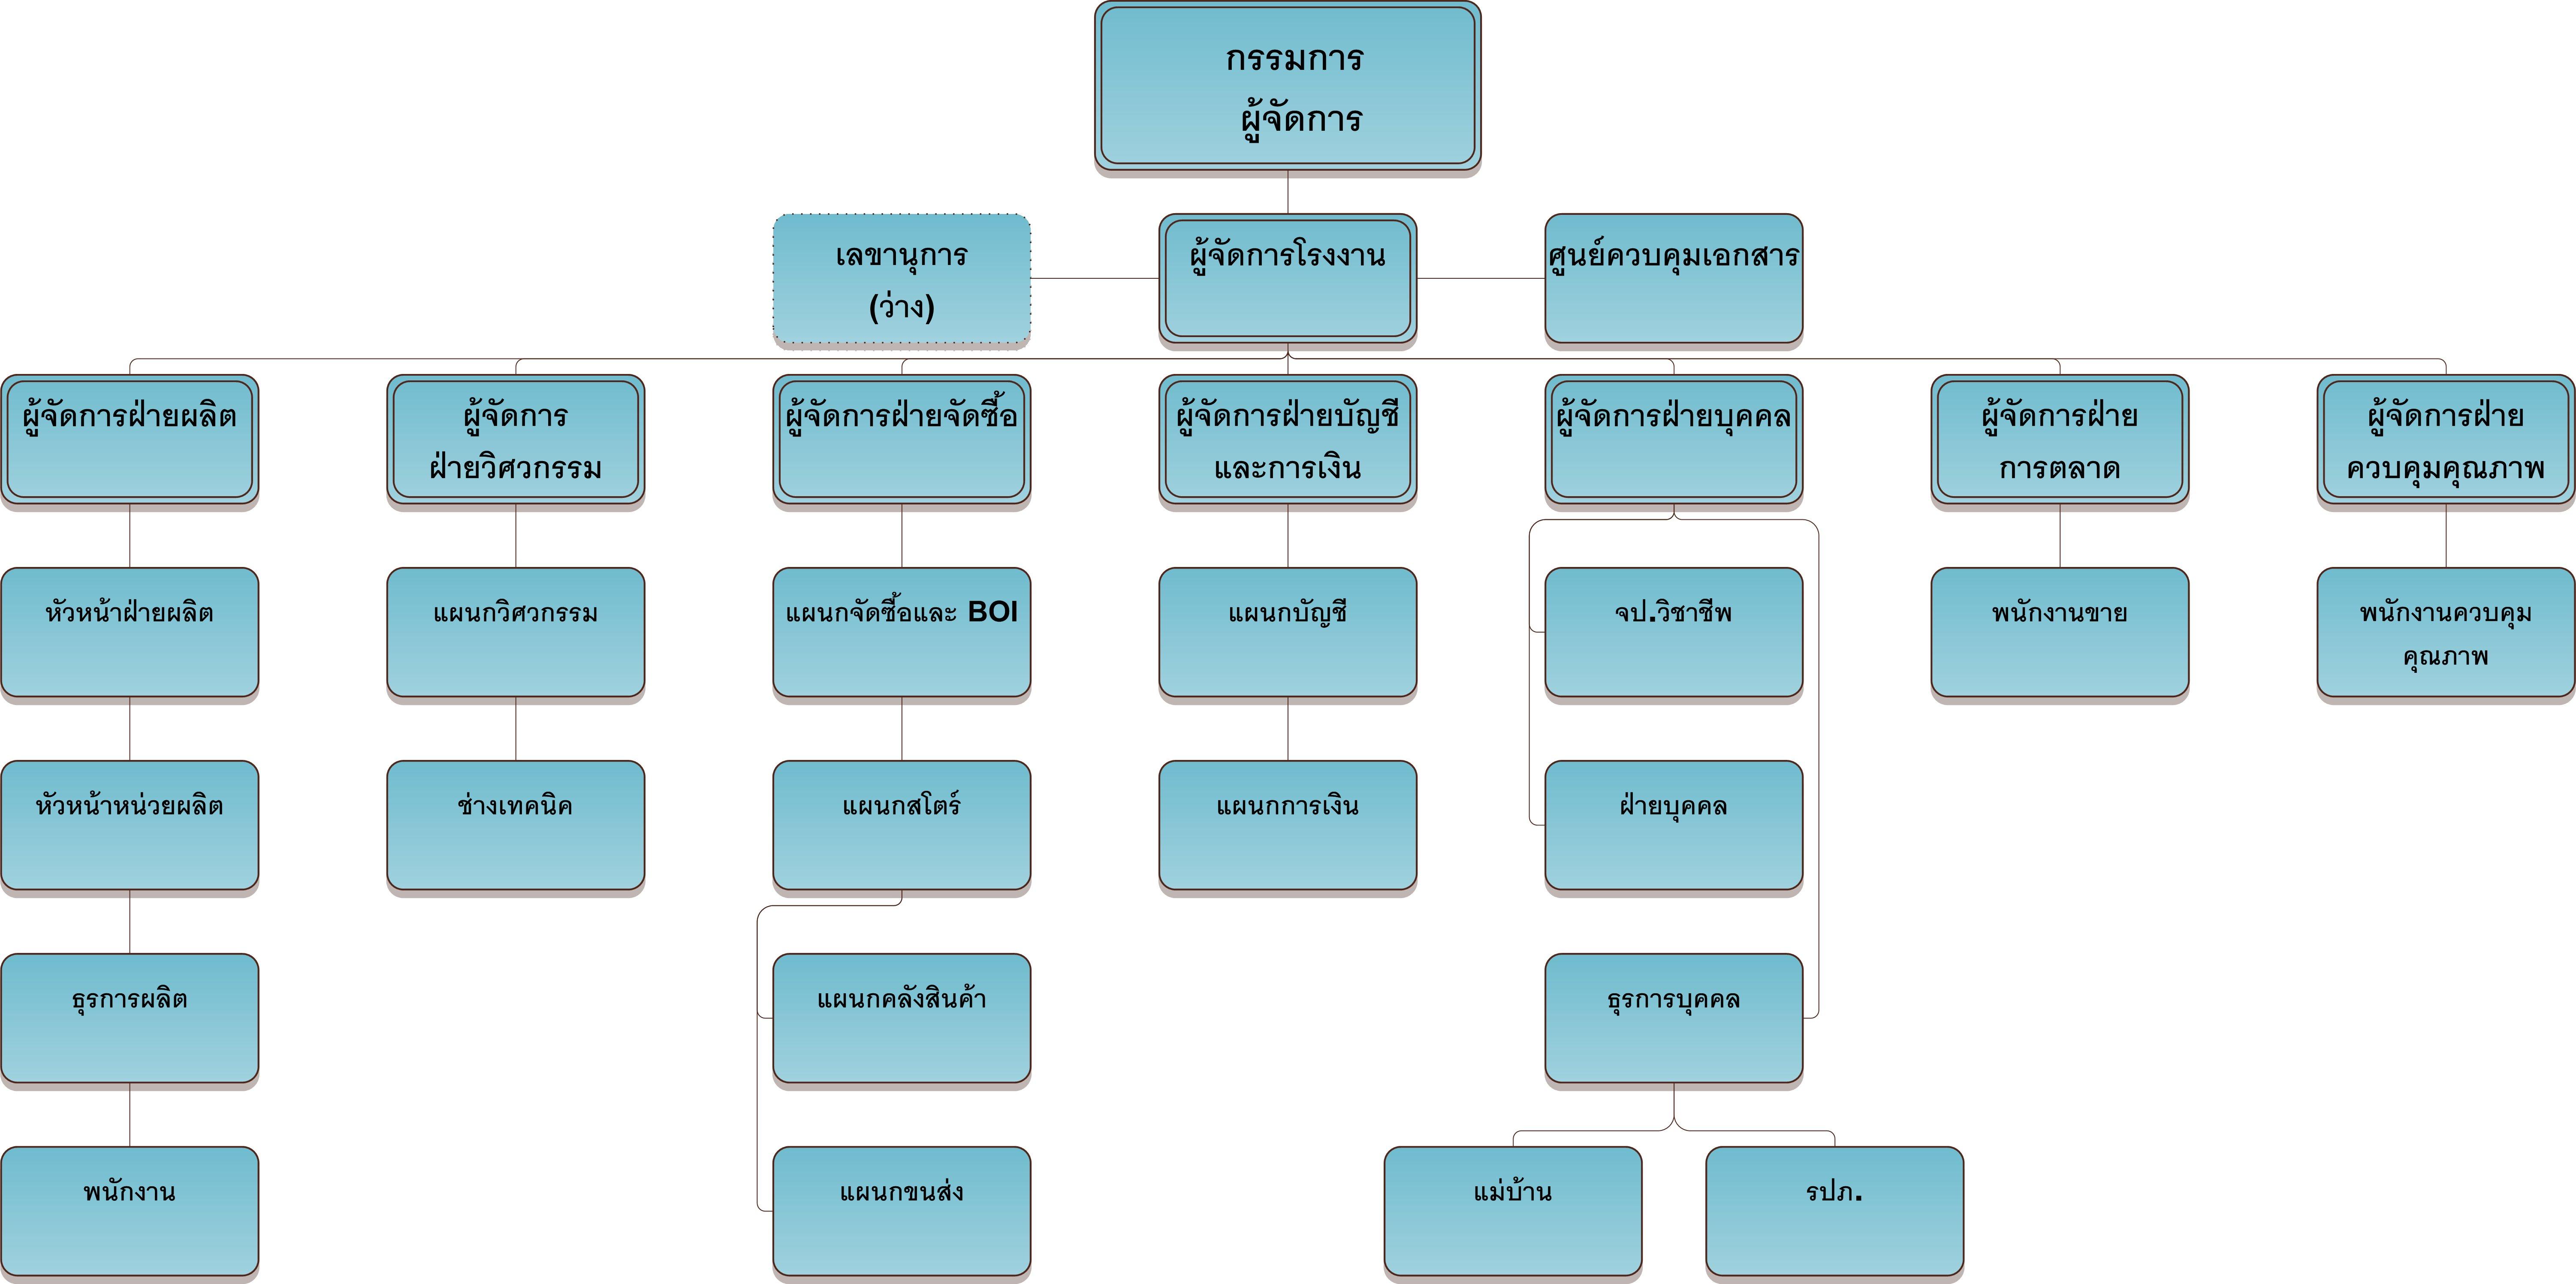 HQP Org chart